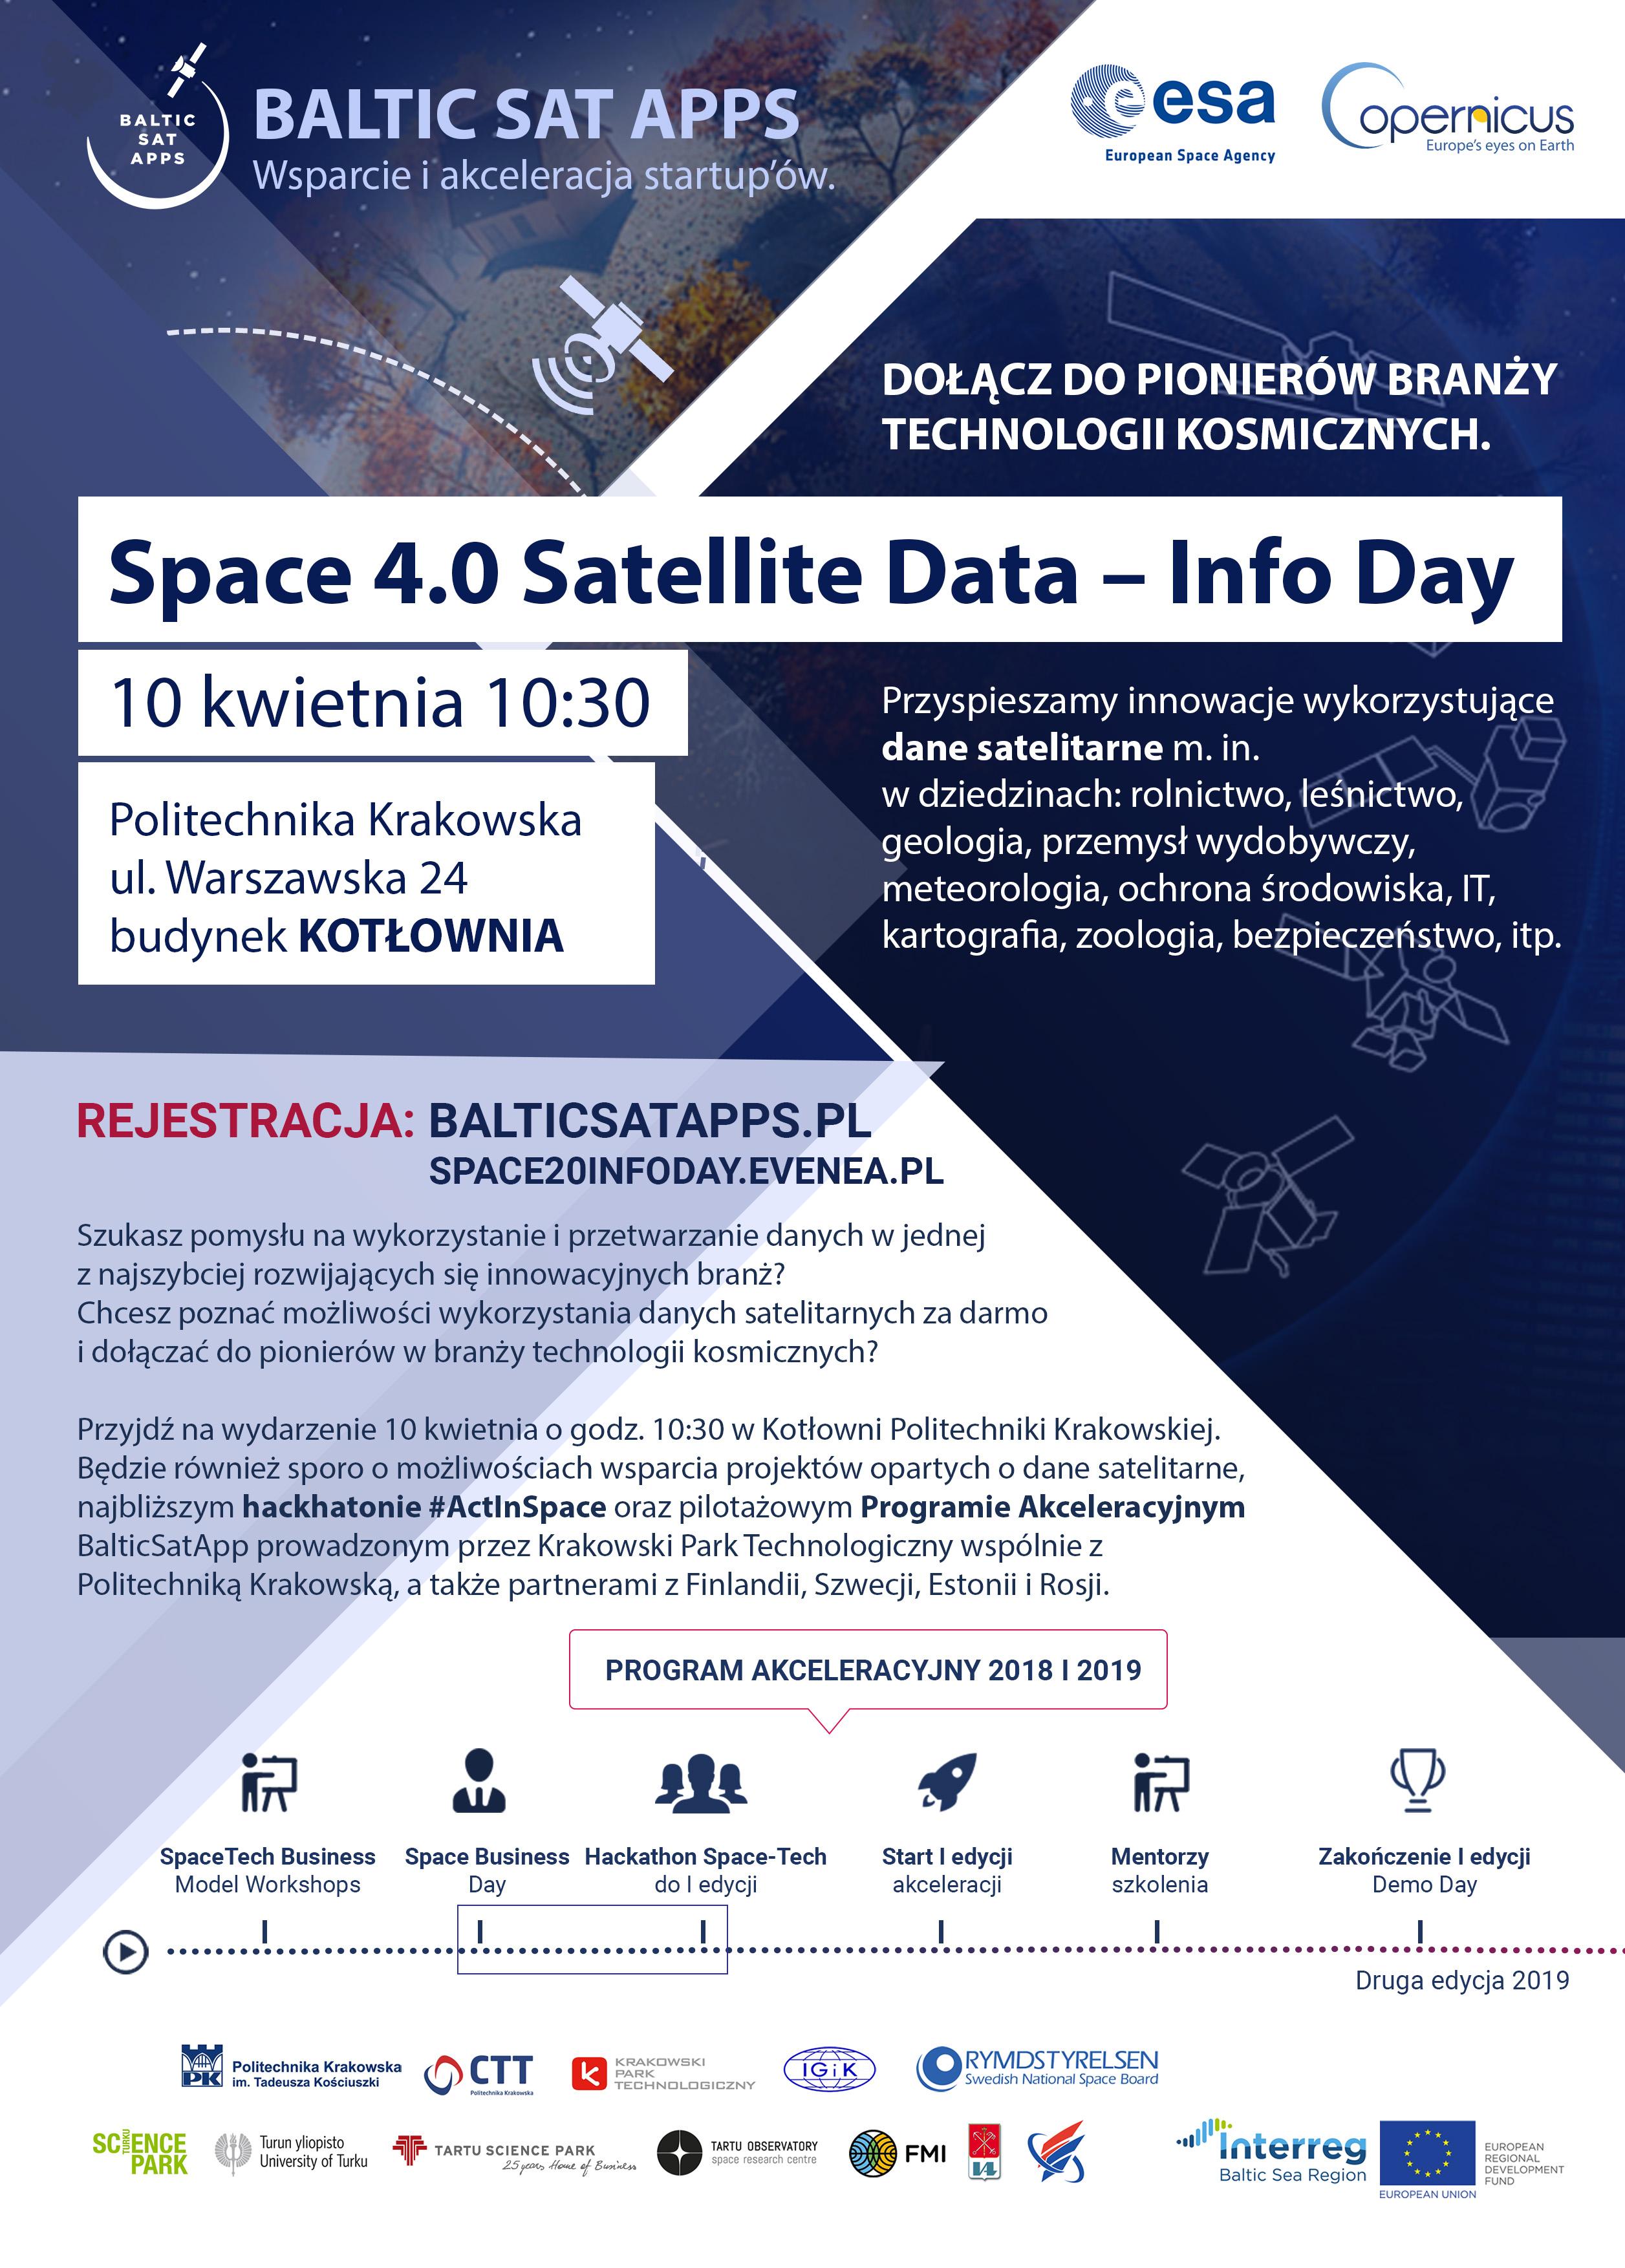 Space 4.0 Satellite Data – InfoDay. Dołącz do pionierów branży kosmicznej